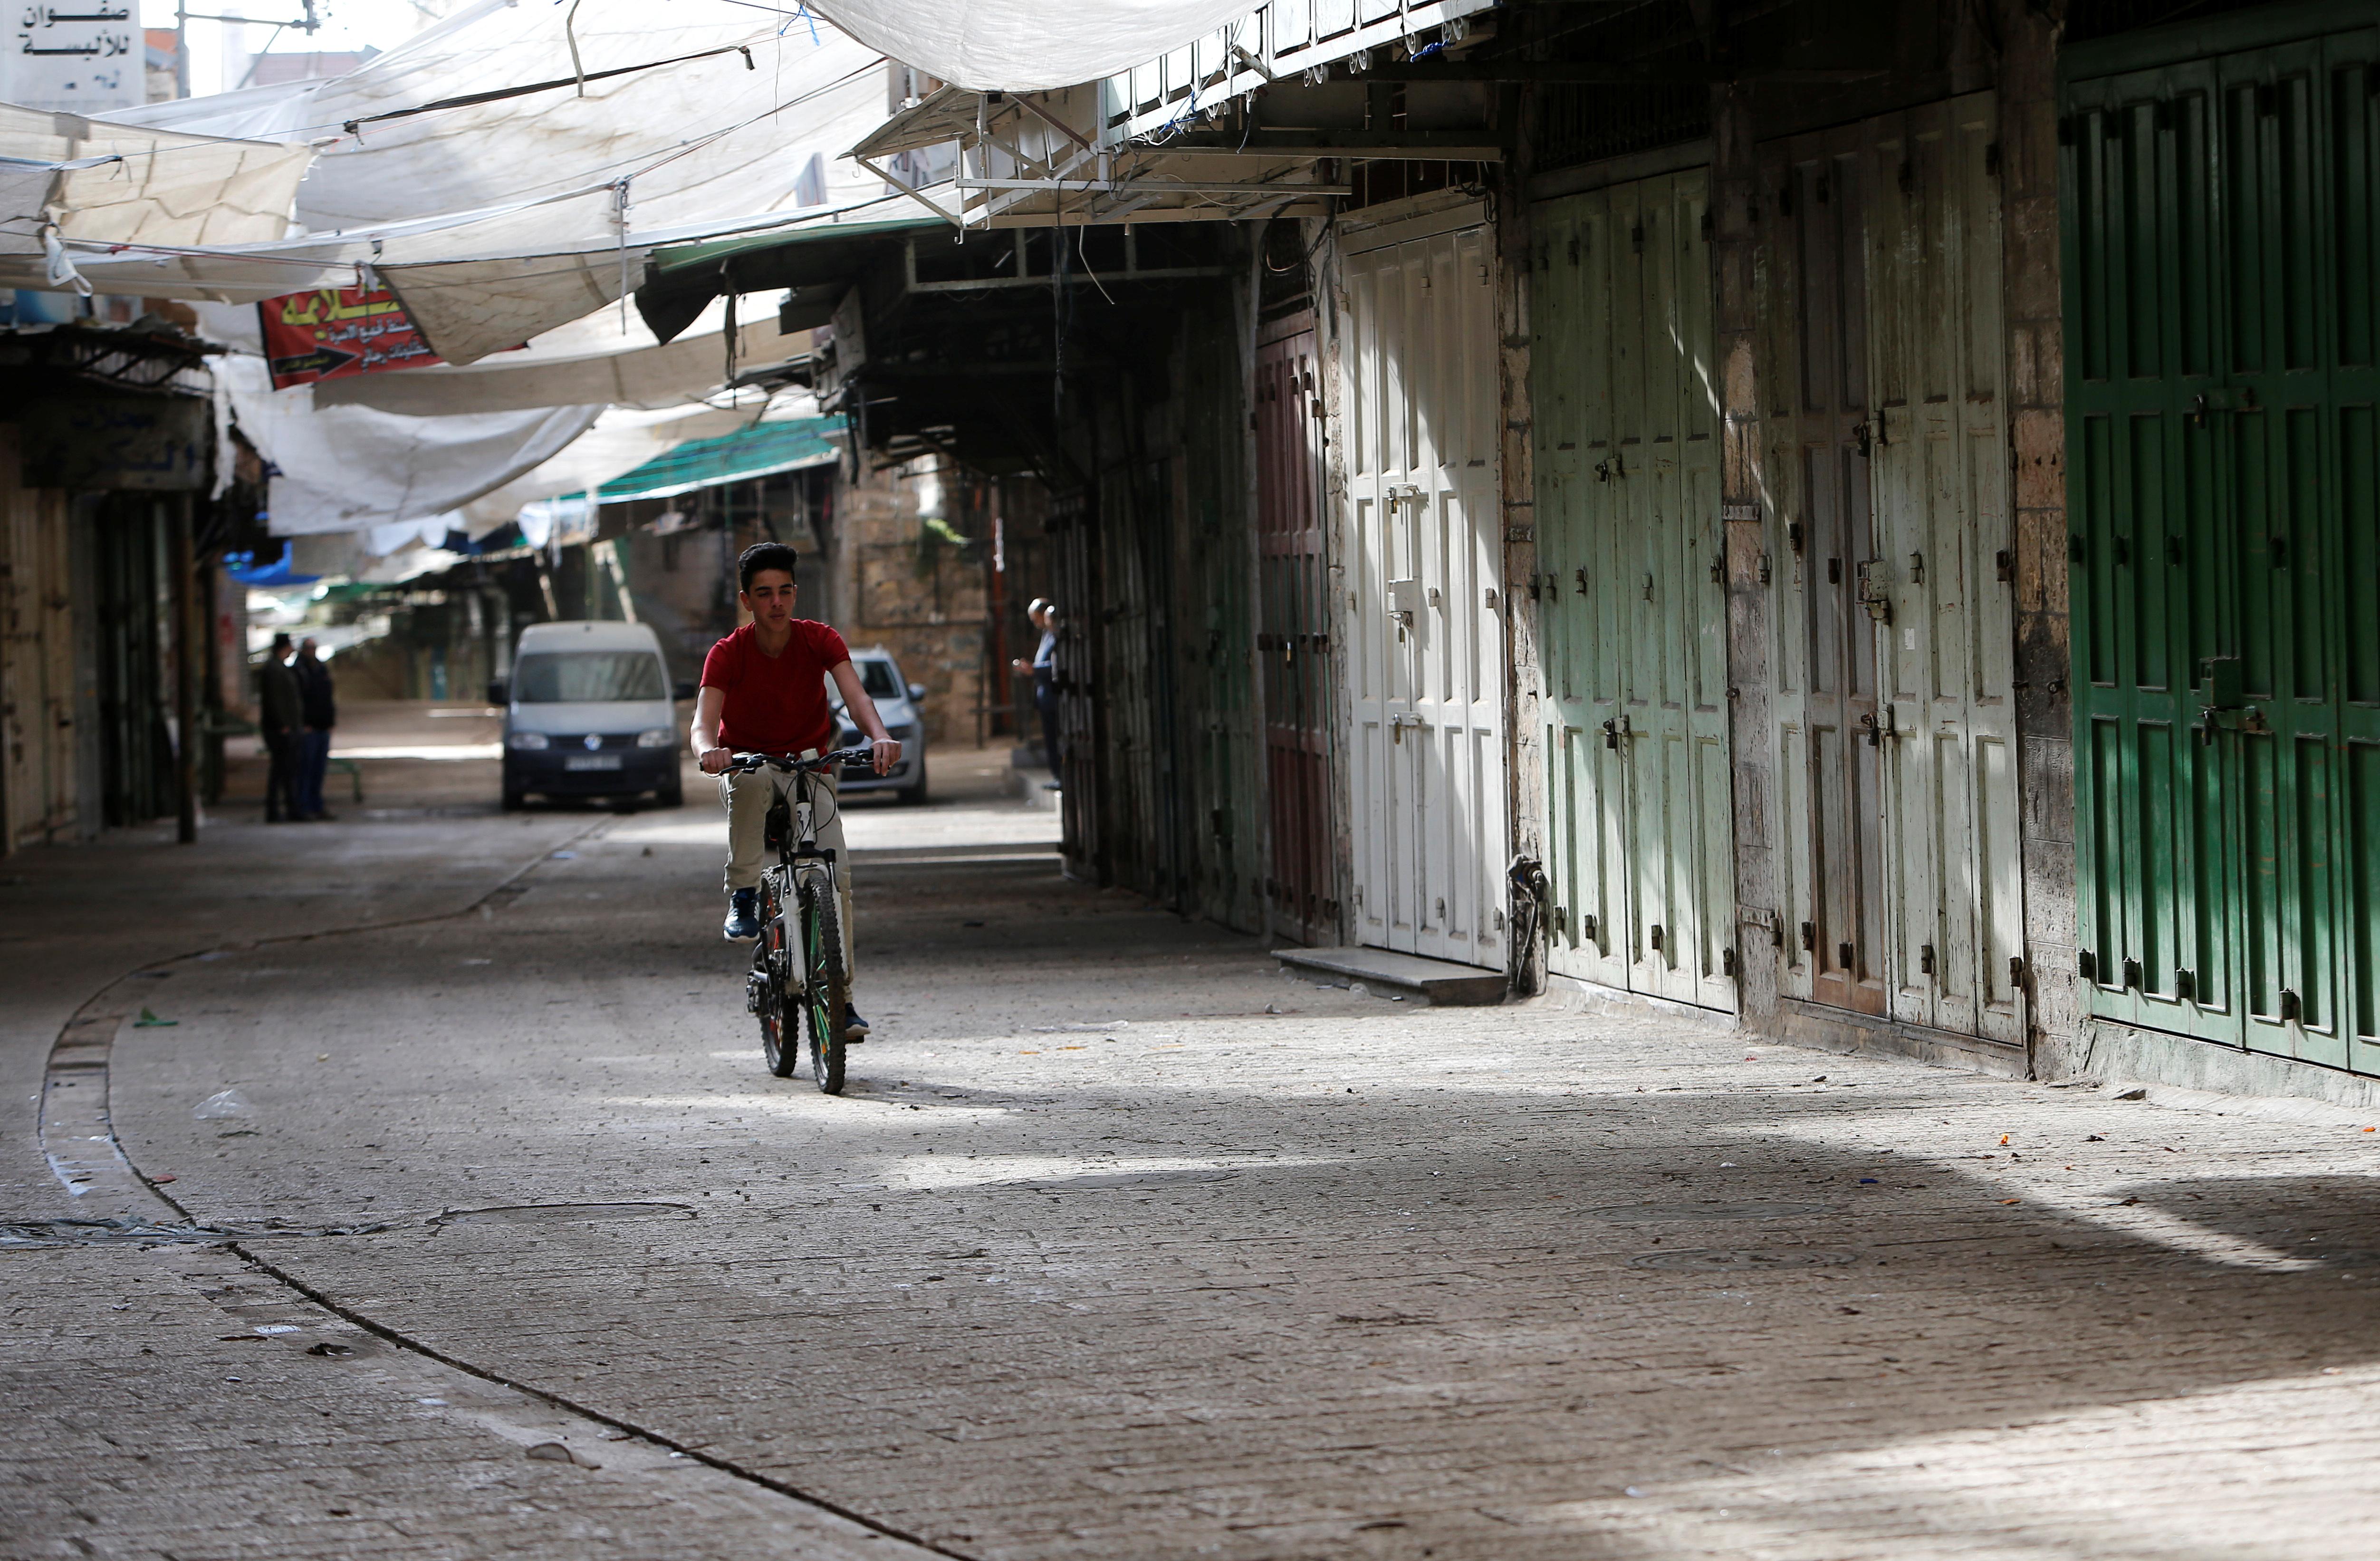 اضراب شامل فى فلسطين بعد قتل متظاهرين يوم الأرض